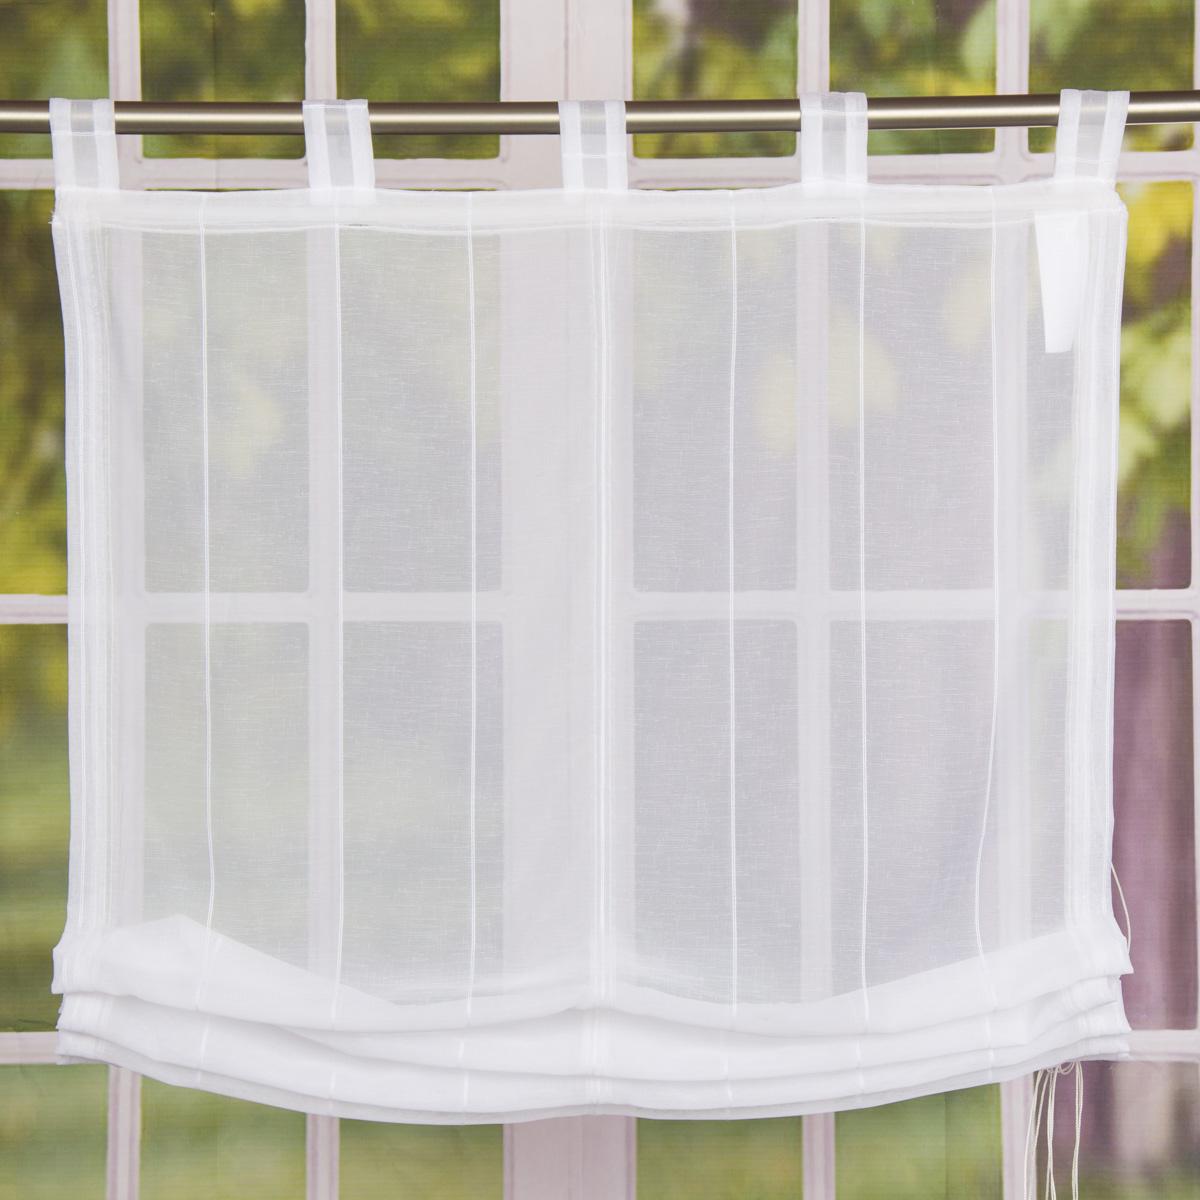 Raffrollo Rollo Schlaufen weiß transparent mit Streifen 140x140cm